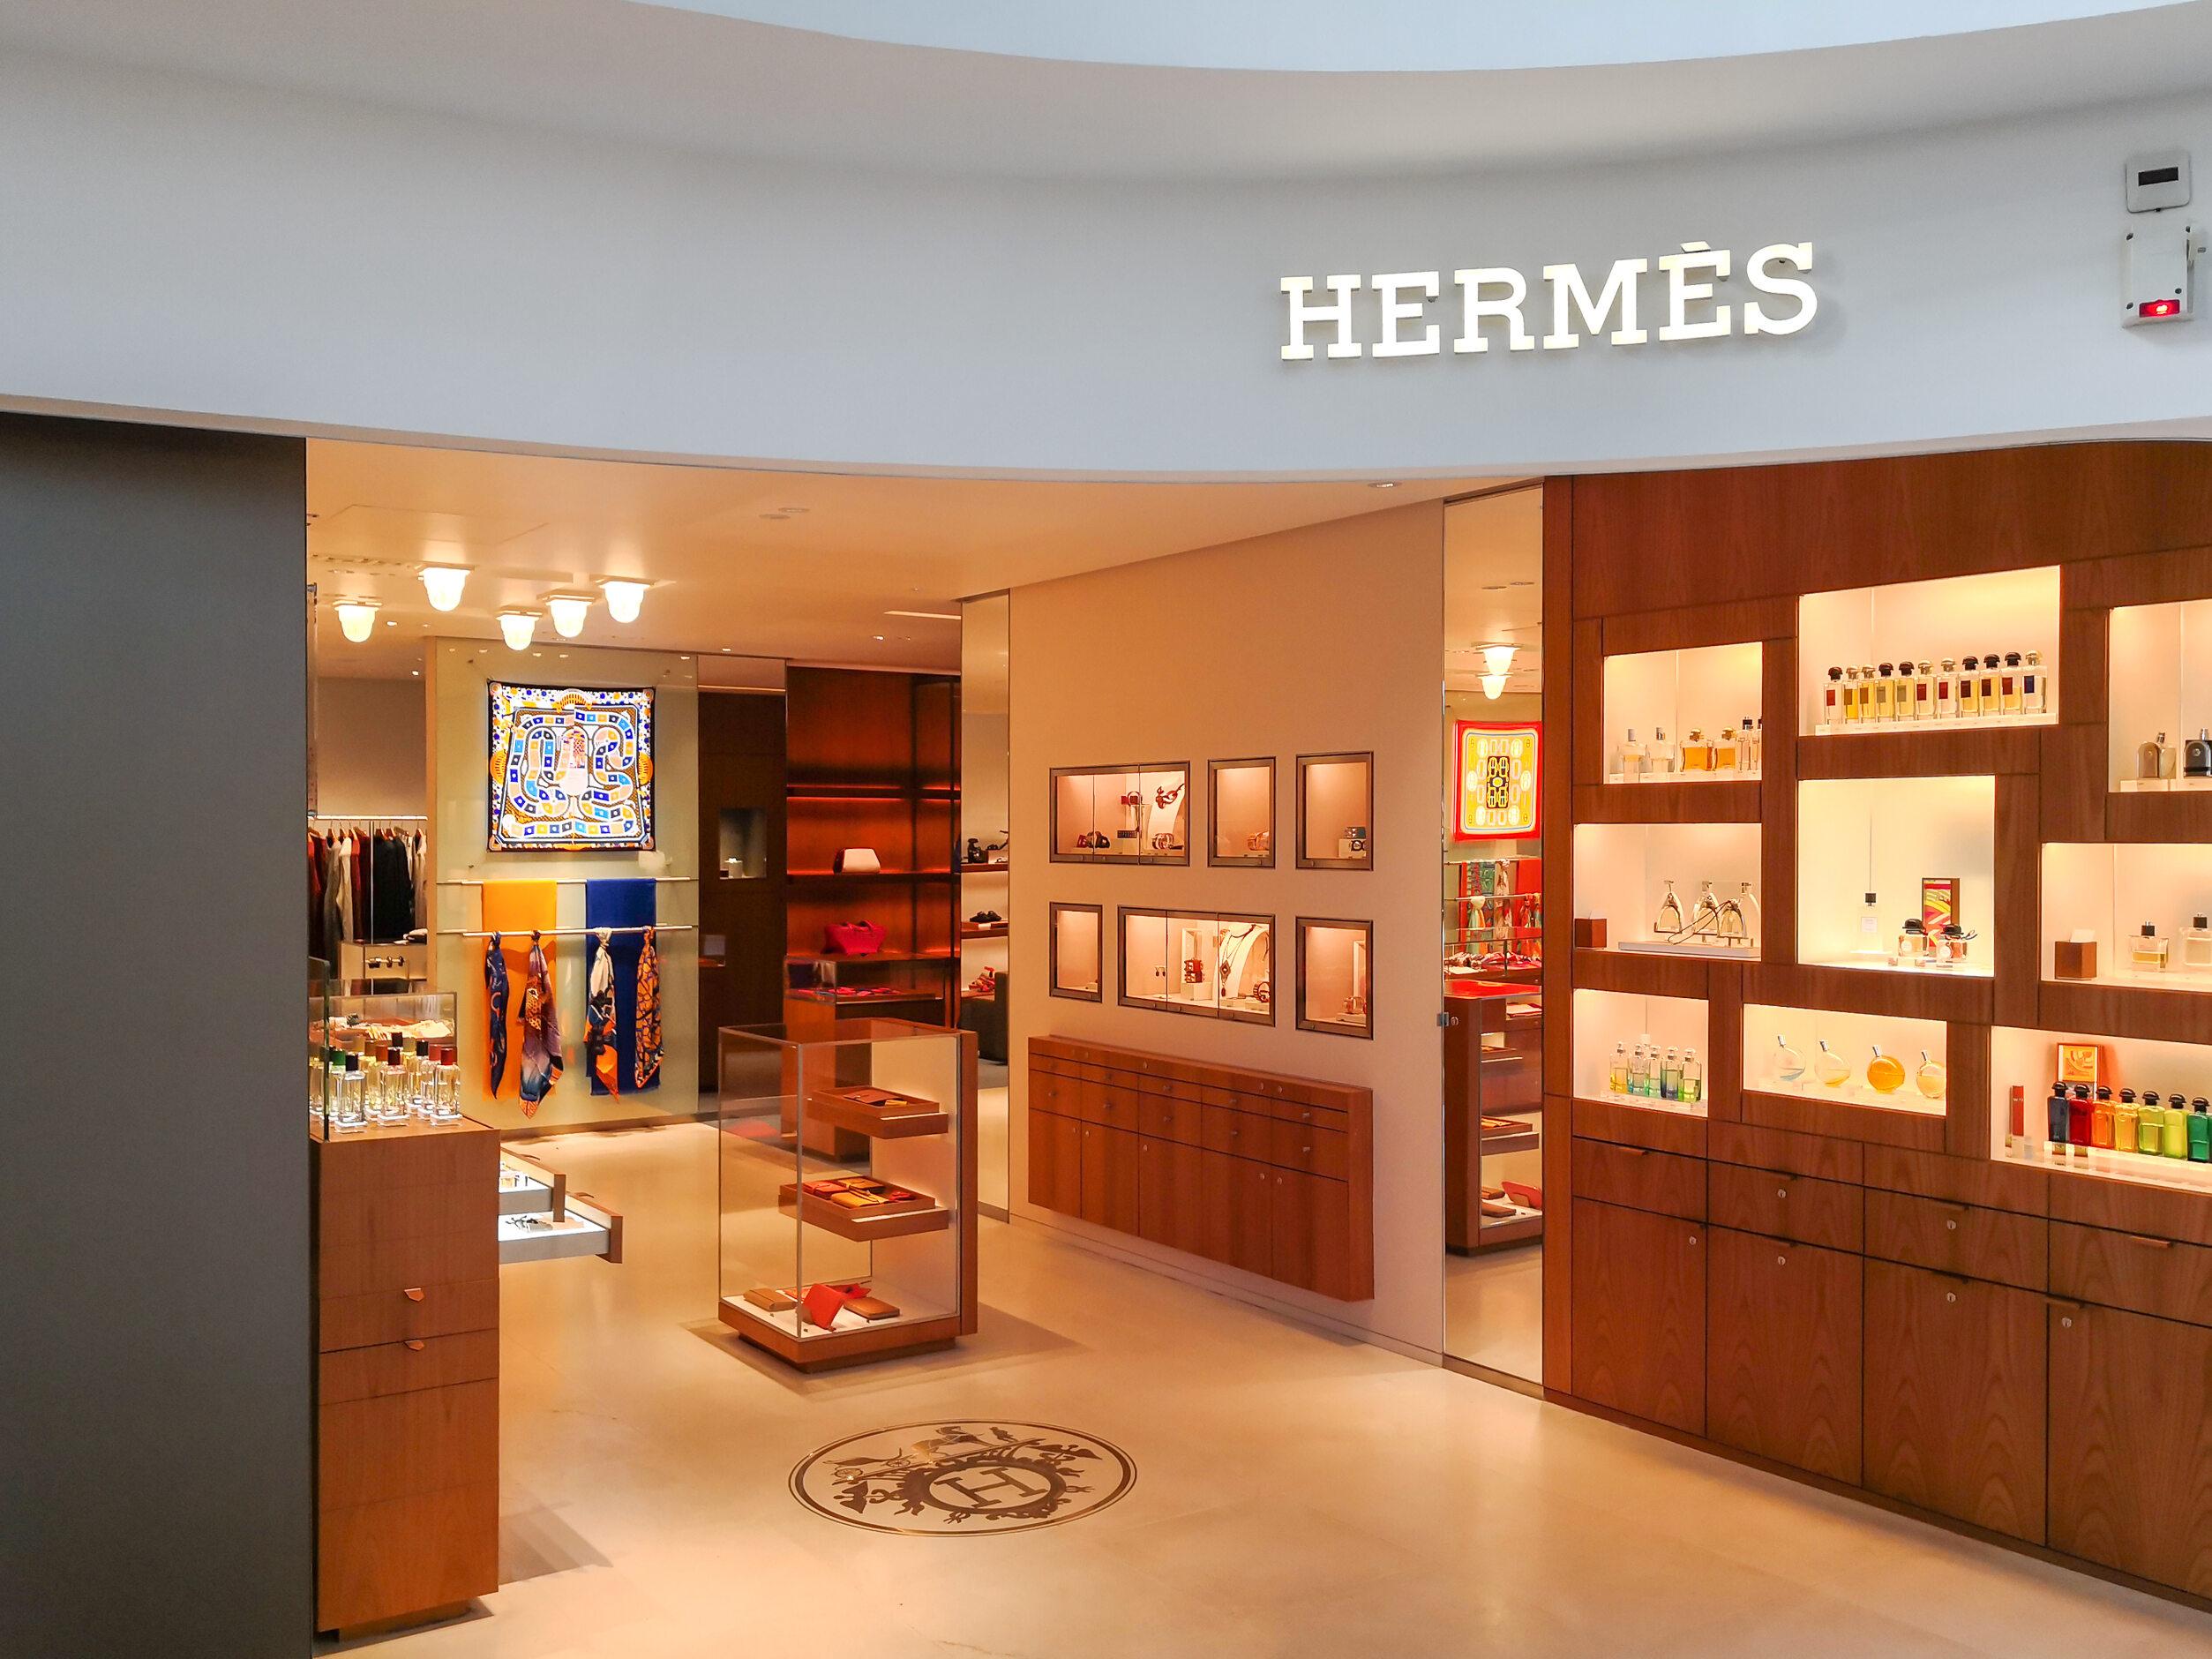 Salon marki Hermes, zdjęcie ilustracyjne